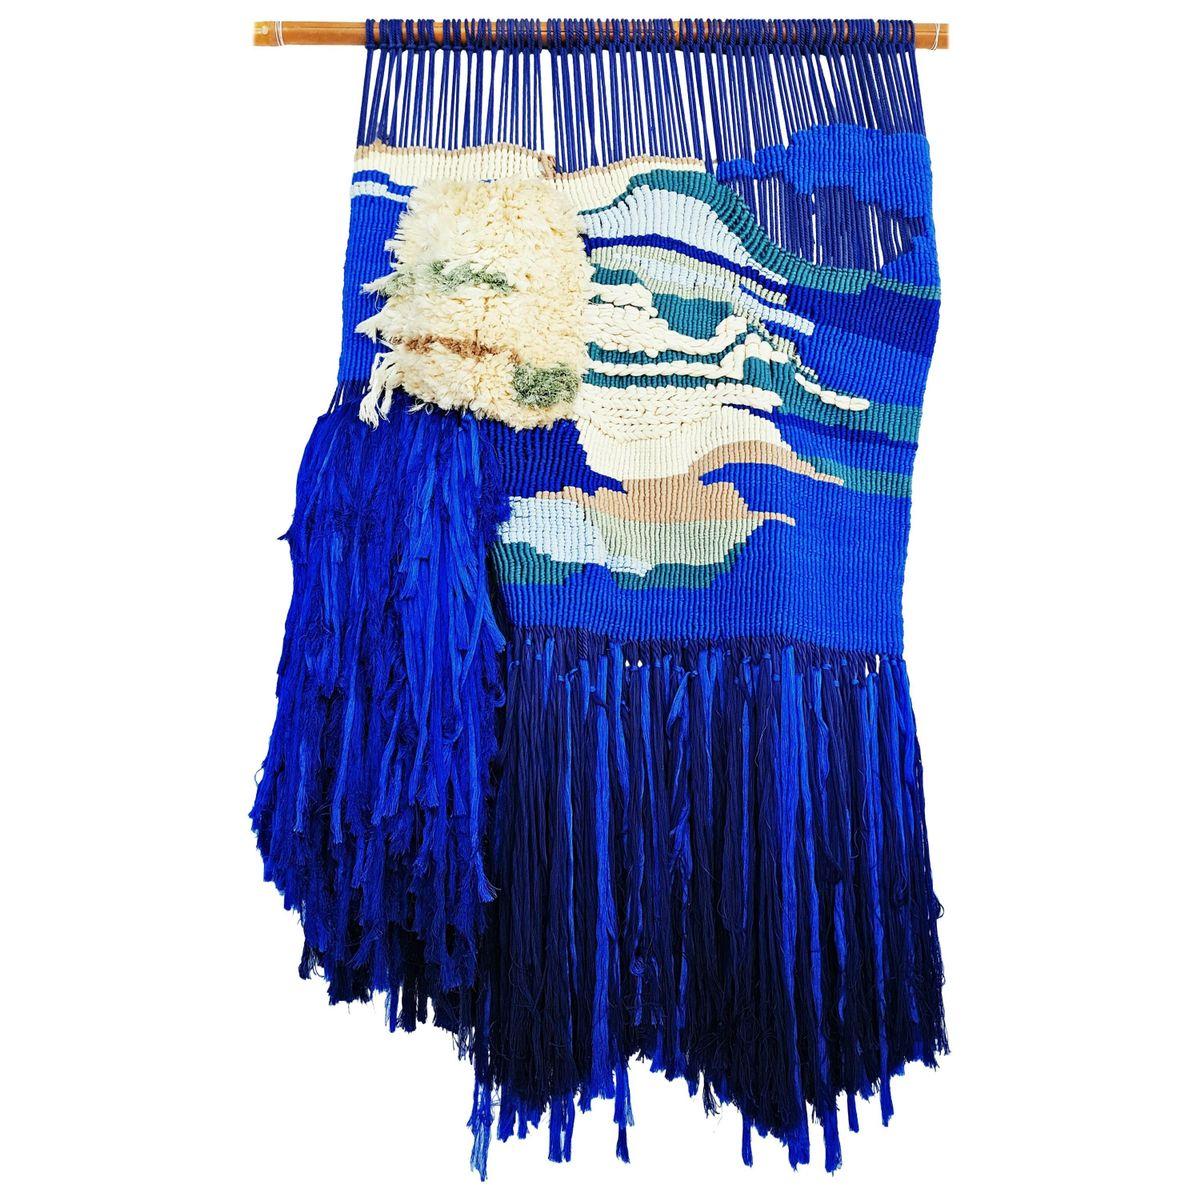 Großer indigoblauer Wandteppich, 1960er | Heimtextilien > Teppiche > Wandteppich | Mehrfarbig | Naturfaser